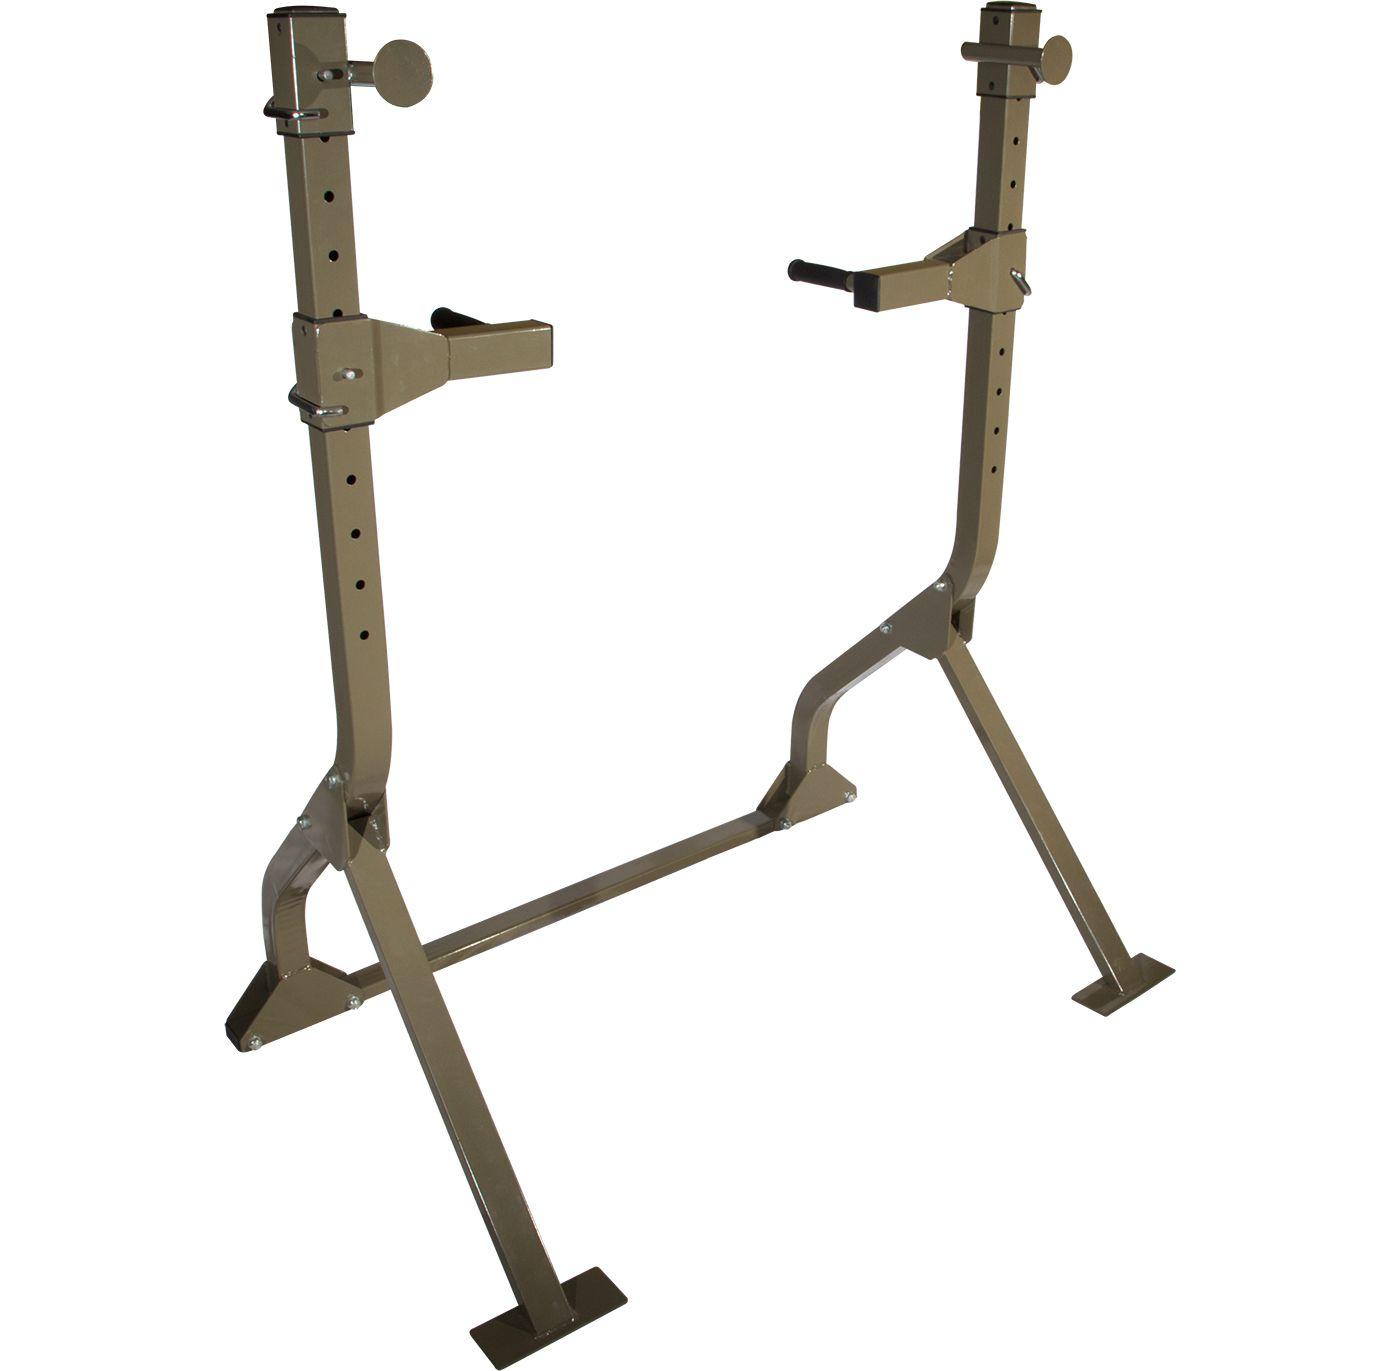 Best Fitness BFSR1 Squat Rack